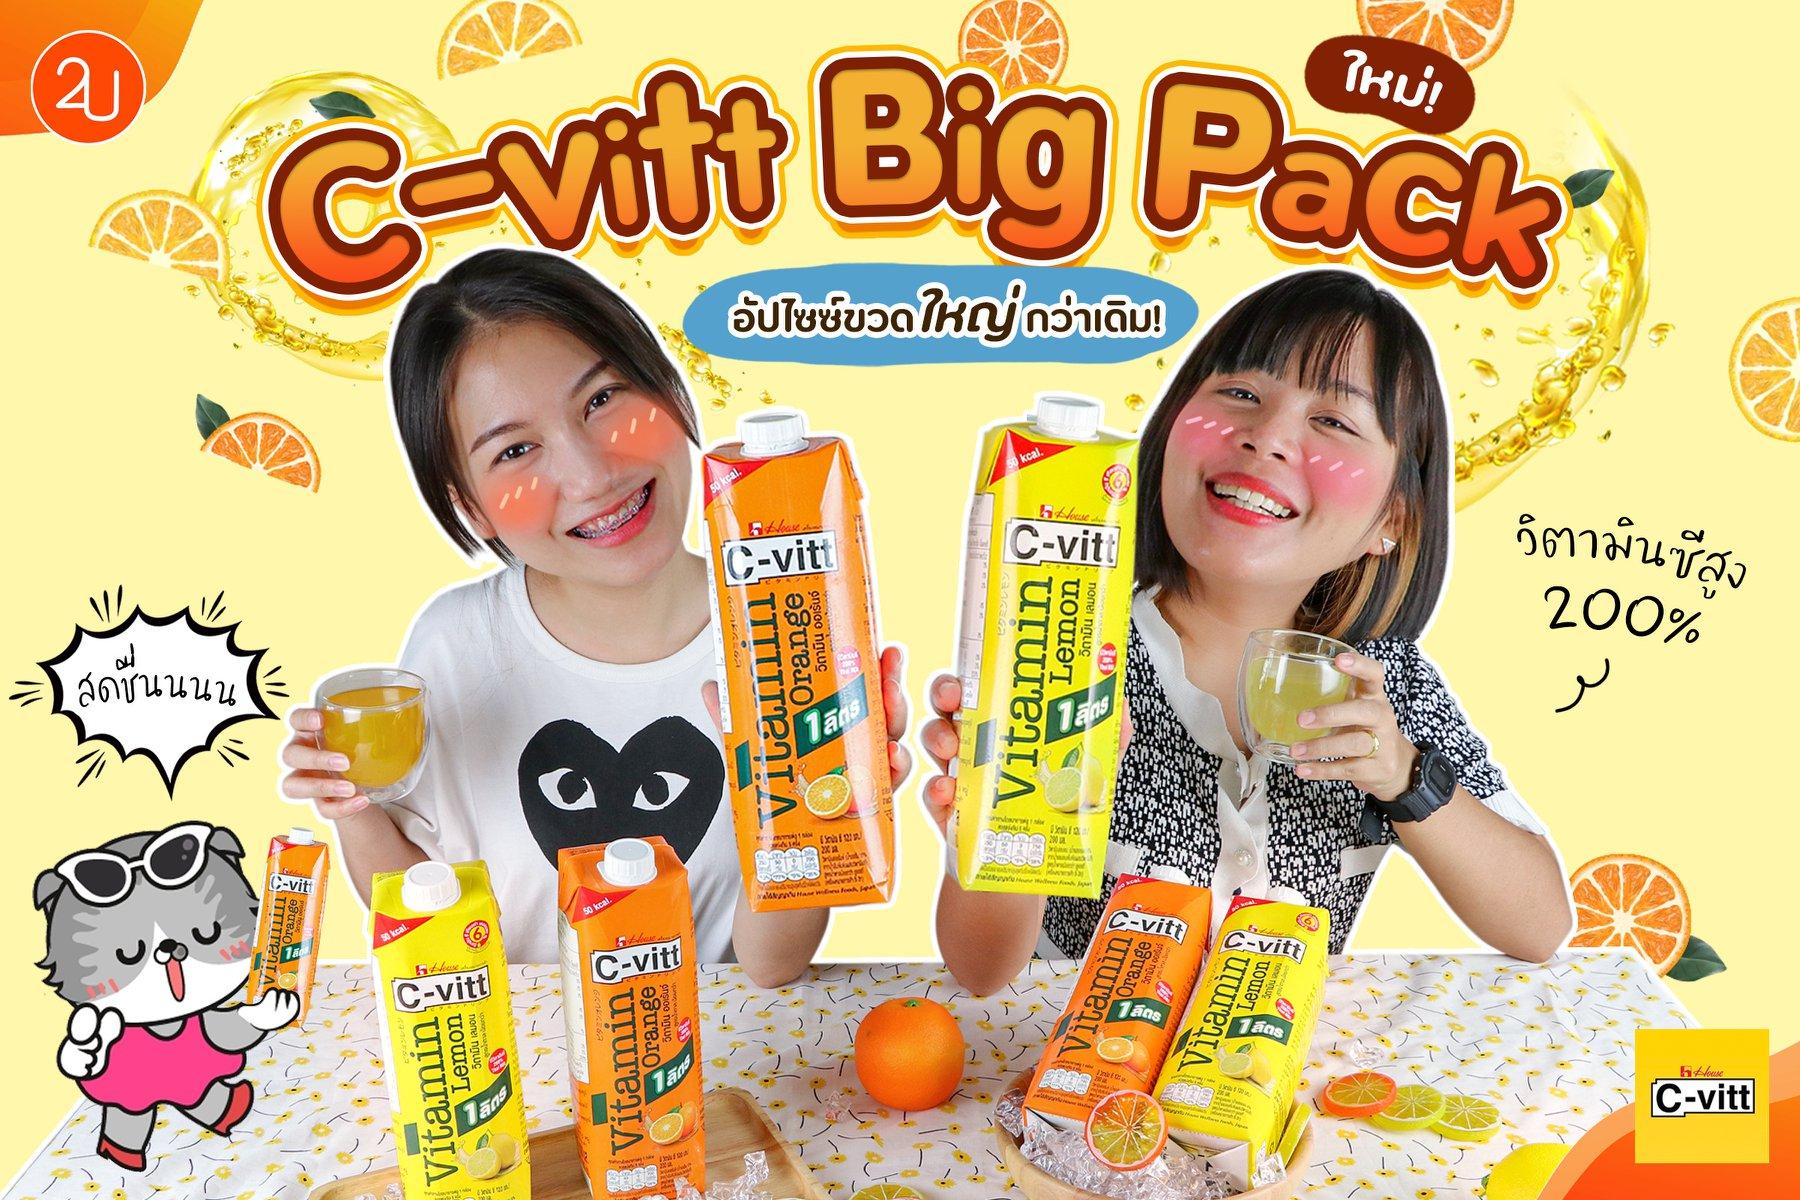 ใหม่! C-Vitt Big pack อัปไซซ์ใหม่ใหญ่บิ๊กเบิ้ม วิตามินซีสูงถึง 200%‼️